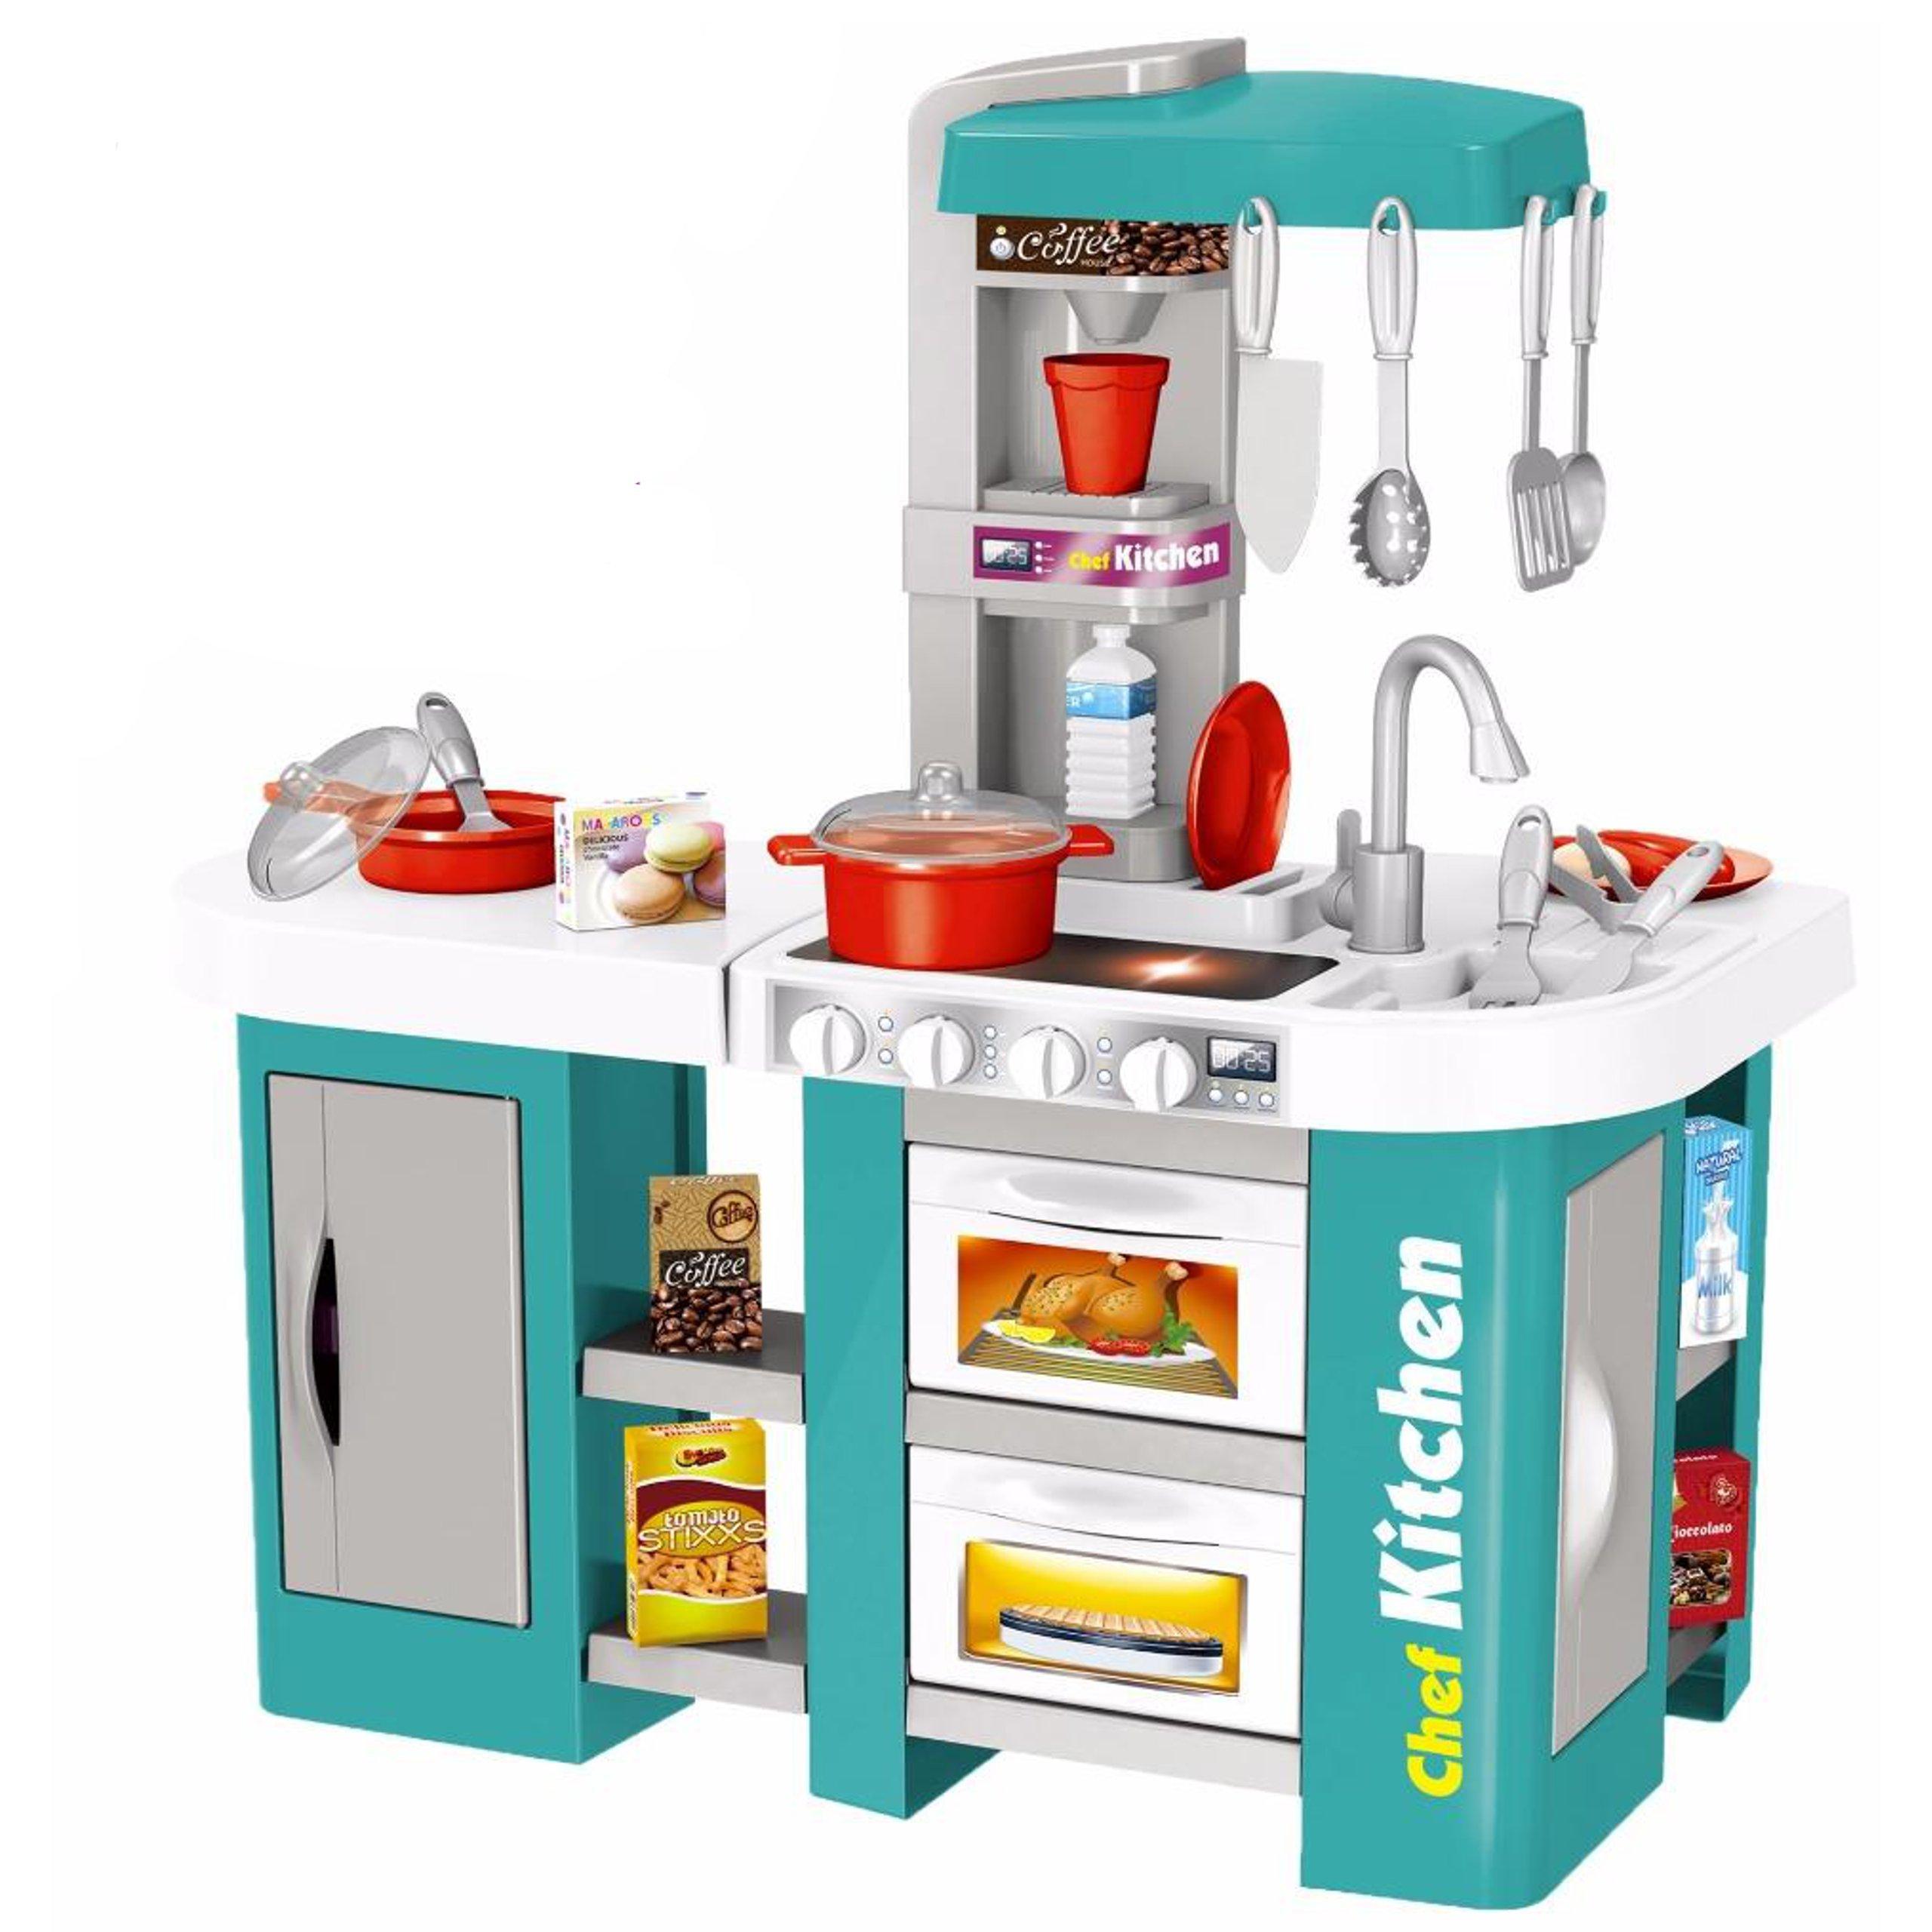 Купить Кухня с водой Talented chef 53 детали, с xолодильником, свет, звук 922-46, Kitchen, Детская кухня